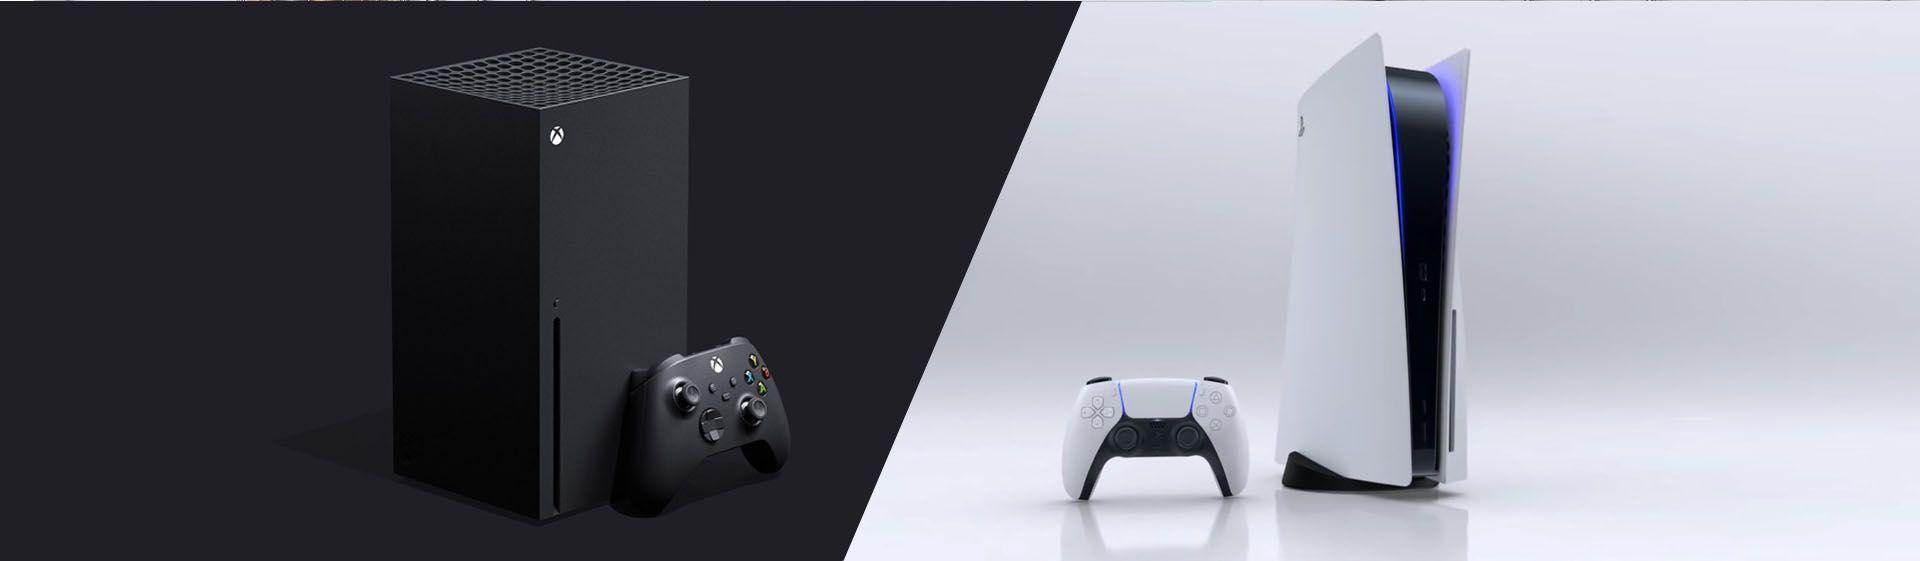 PS5 e Xbox Series mais baratos: vale a pena esperar a Black Friday?